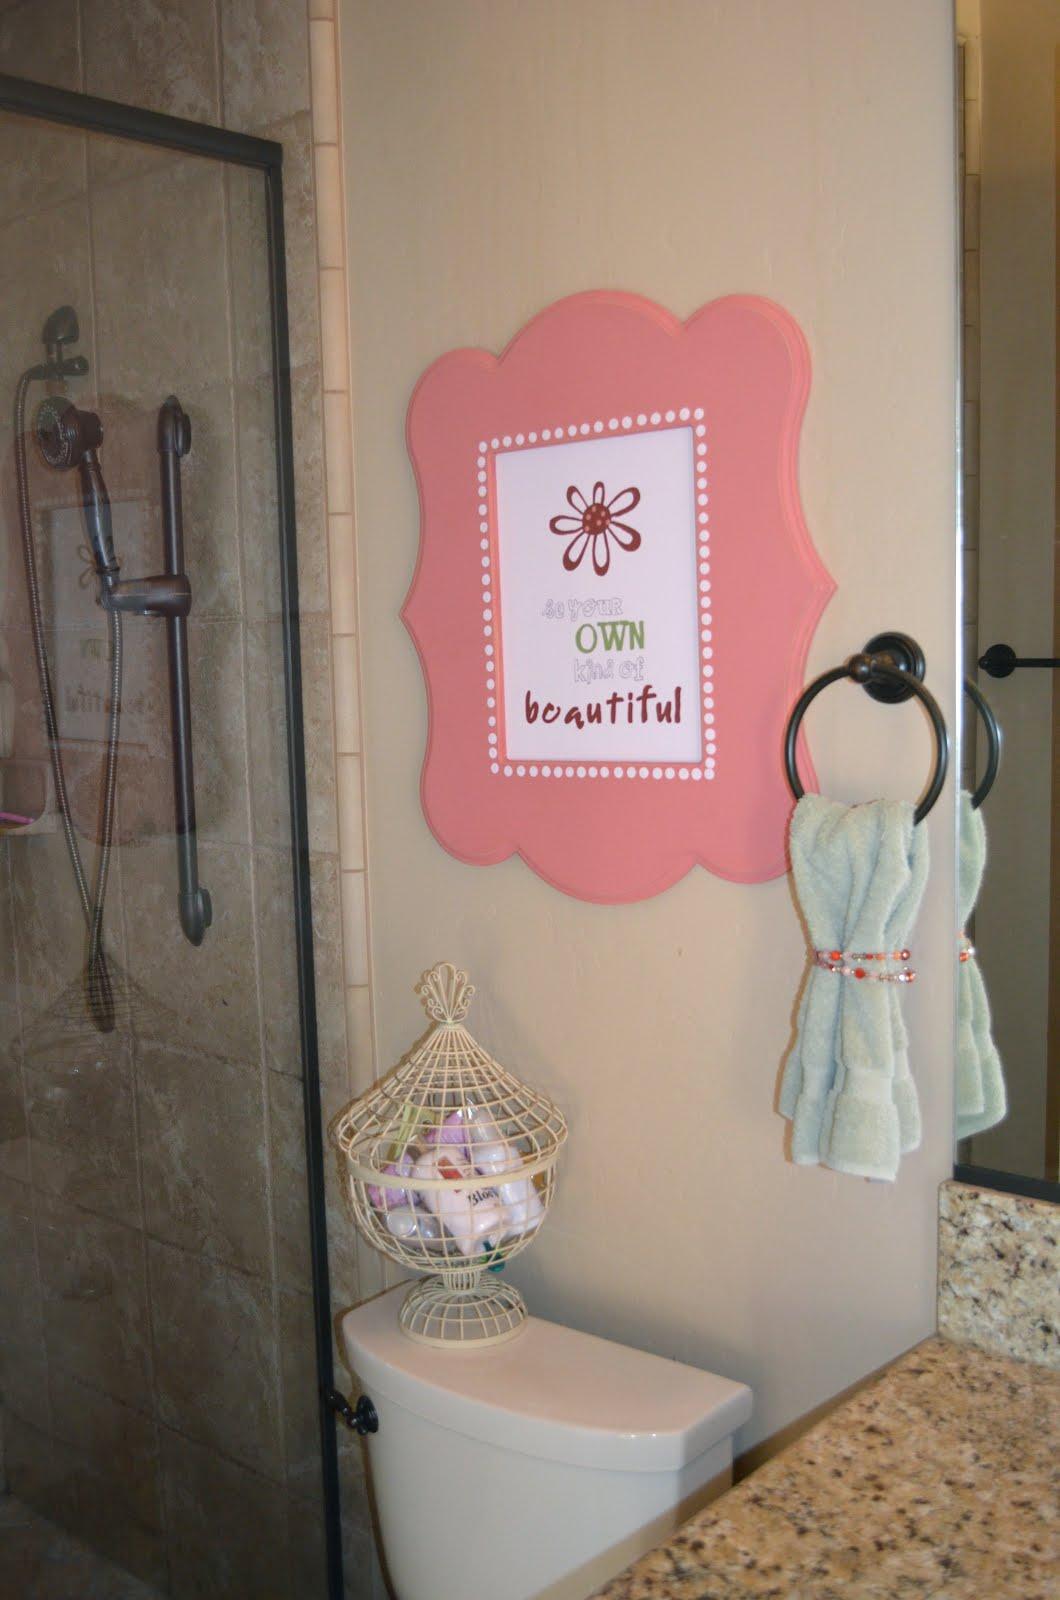 Bathroom Decor Frames : Poppy seed projects darling bathroom decor using shaped